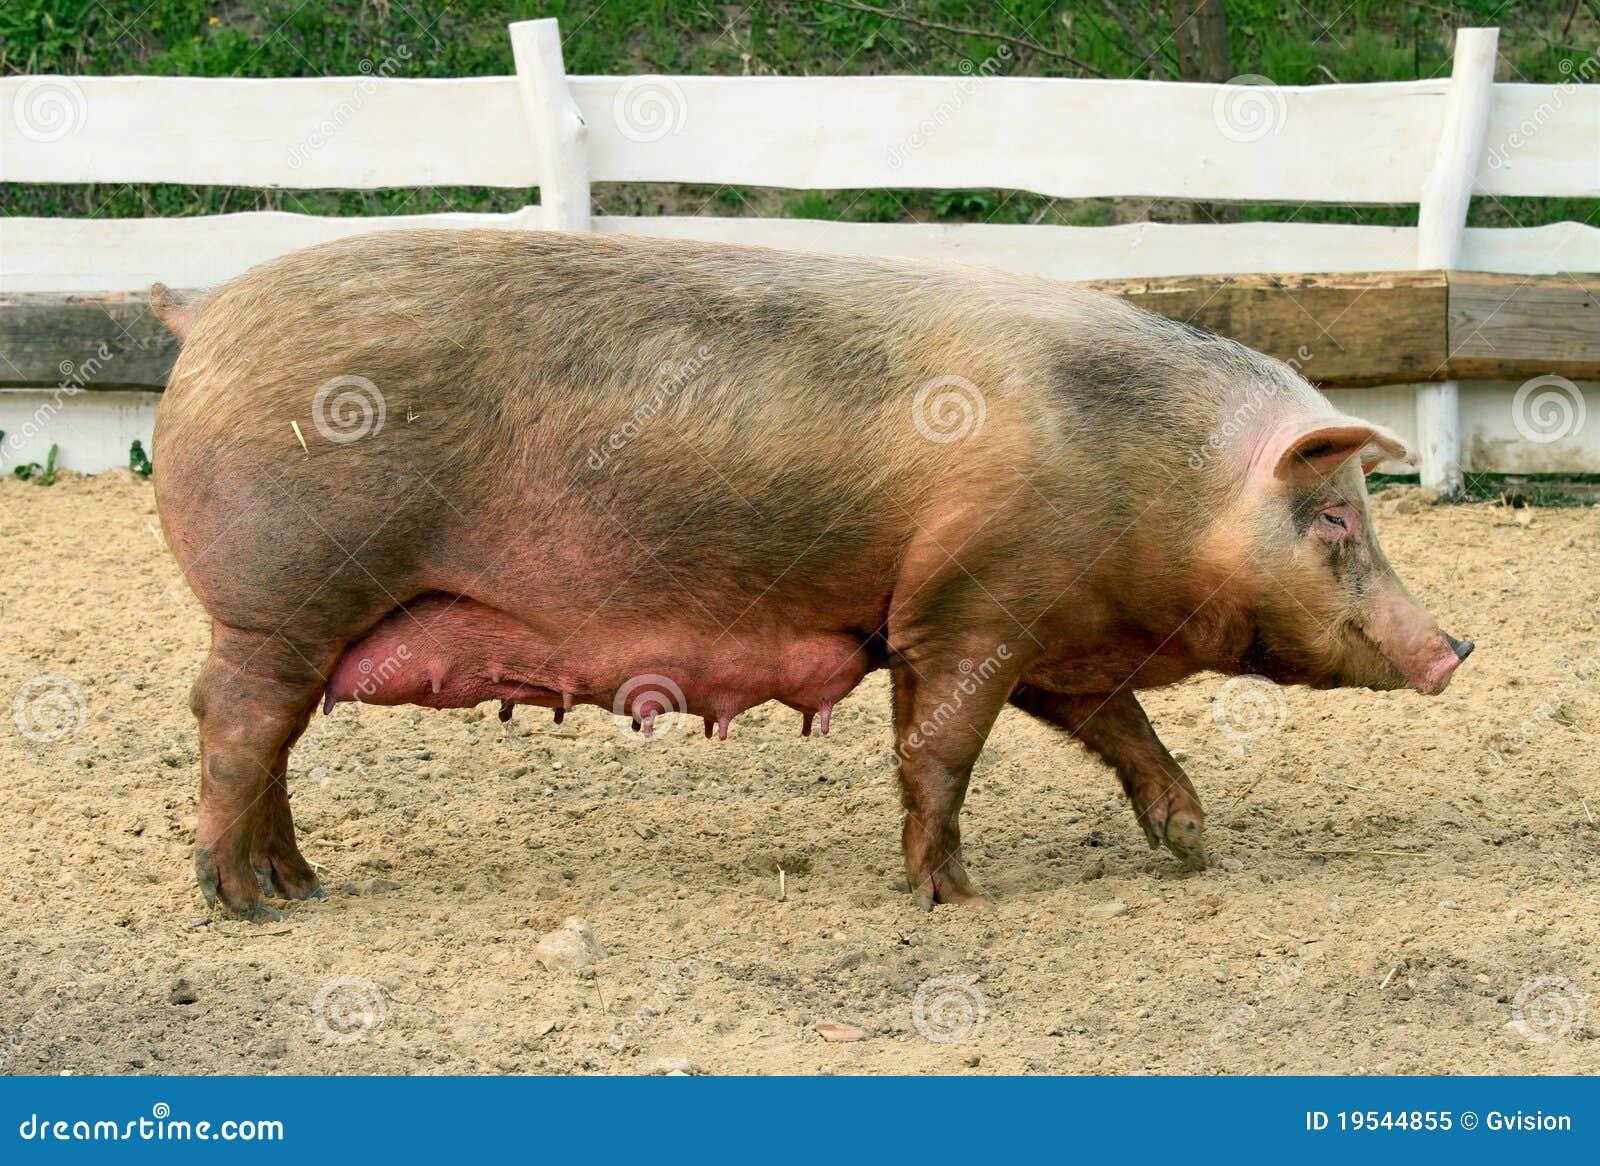 Female Pig Royalty Free Stock Photo - Image 19544855-8942